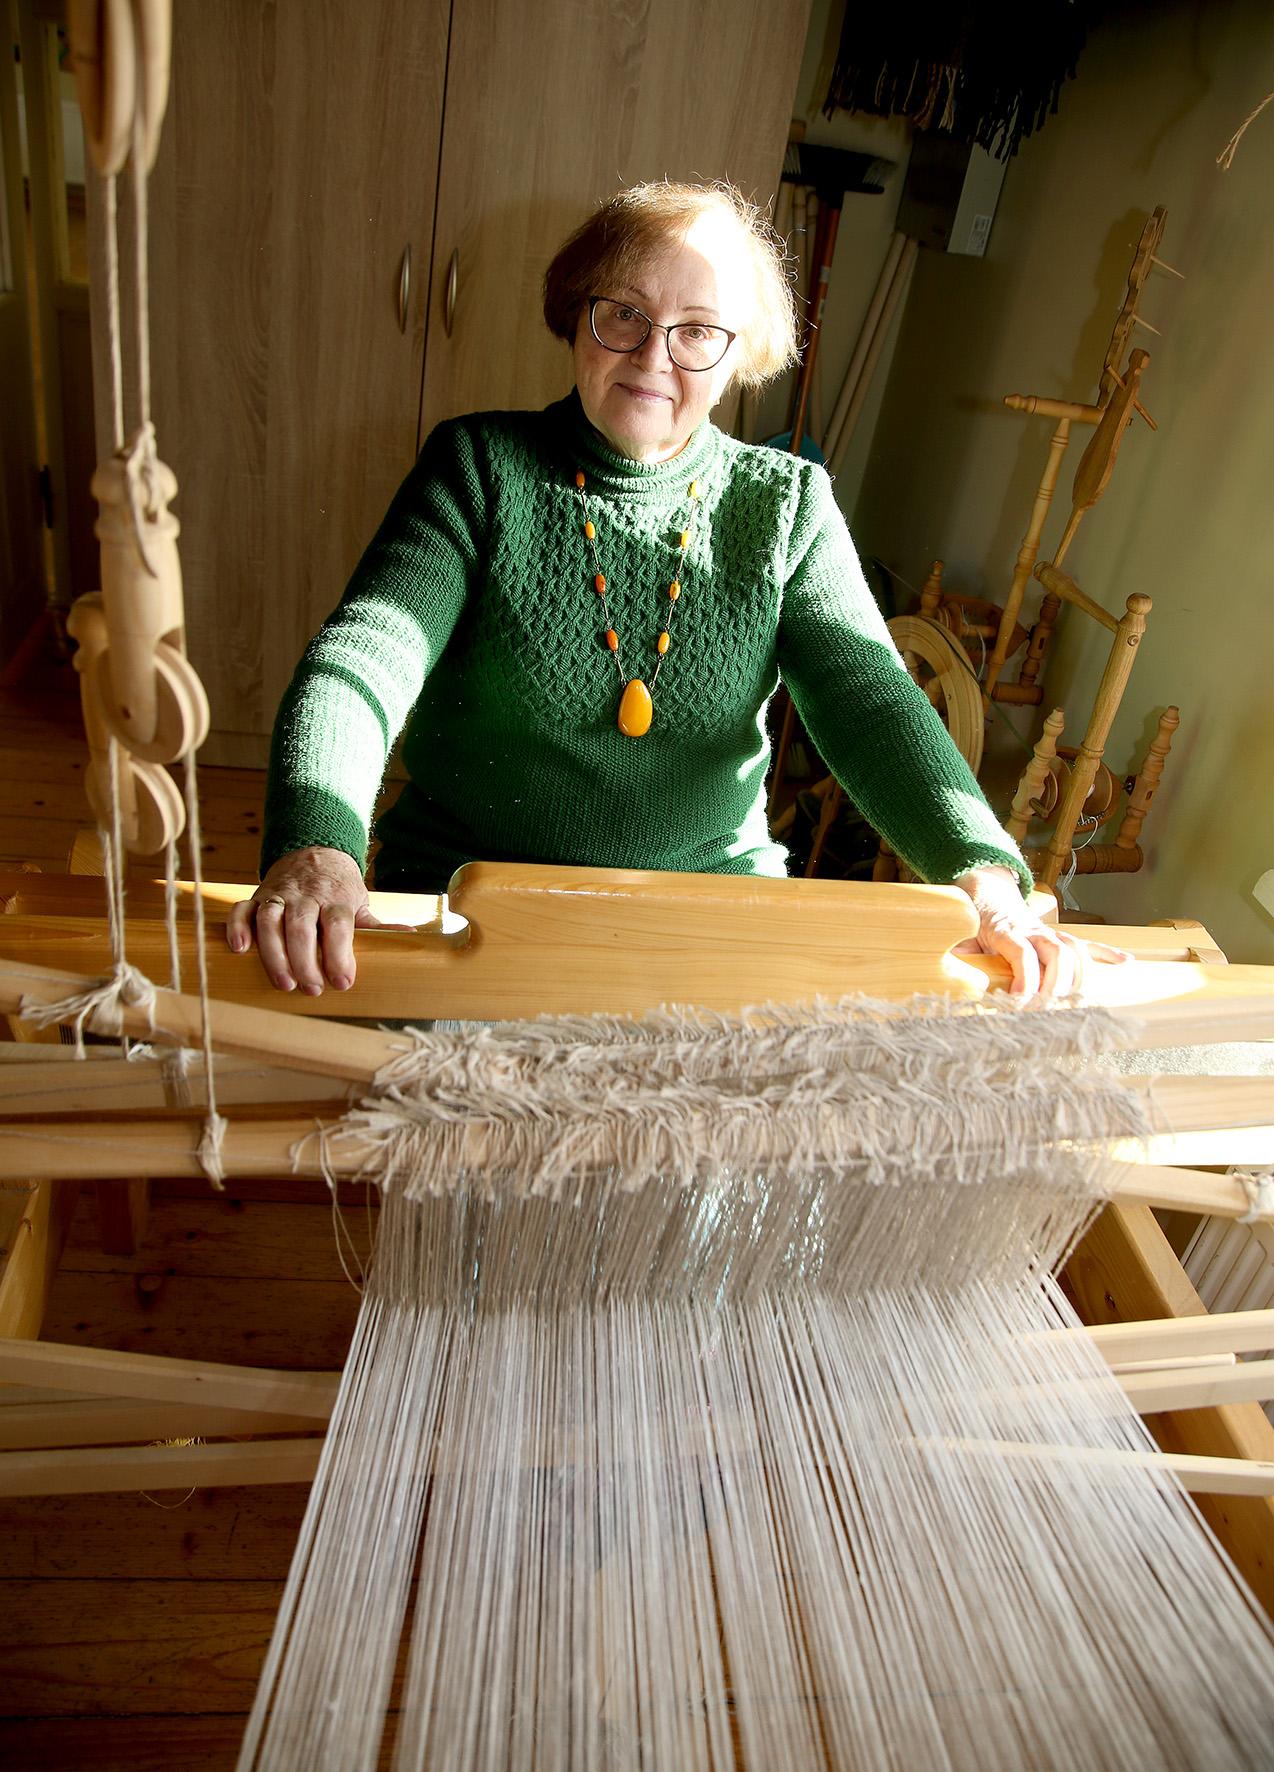 Norėdama patenkinti savo poreikius amatų meistrė visada stengiasi, kad kiekvienas jos rankomis sukurtas darbas būtų kokybiškas. A. Barzdžiaus nuotr.